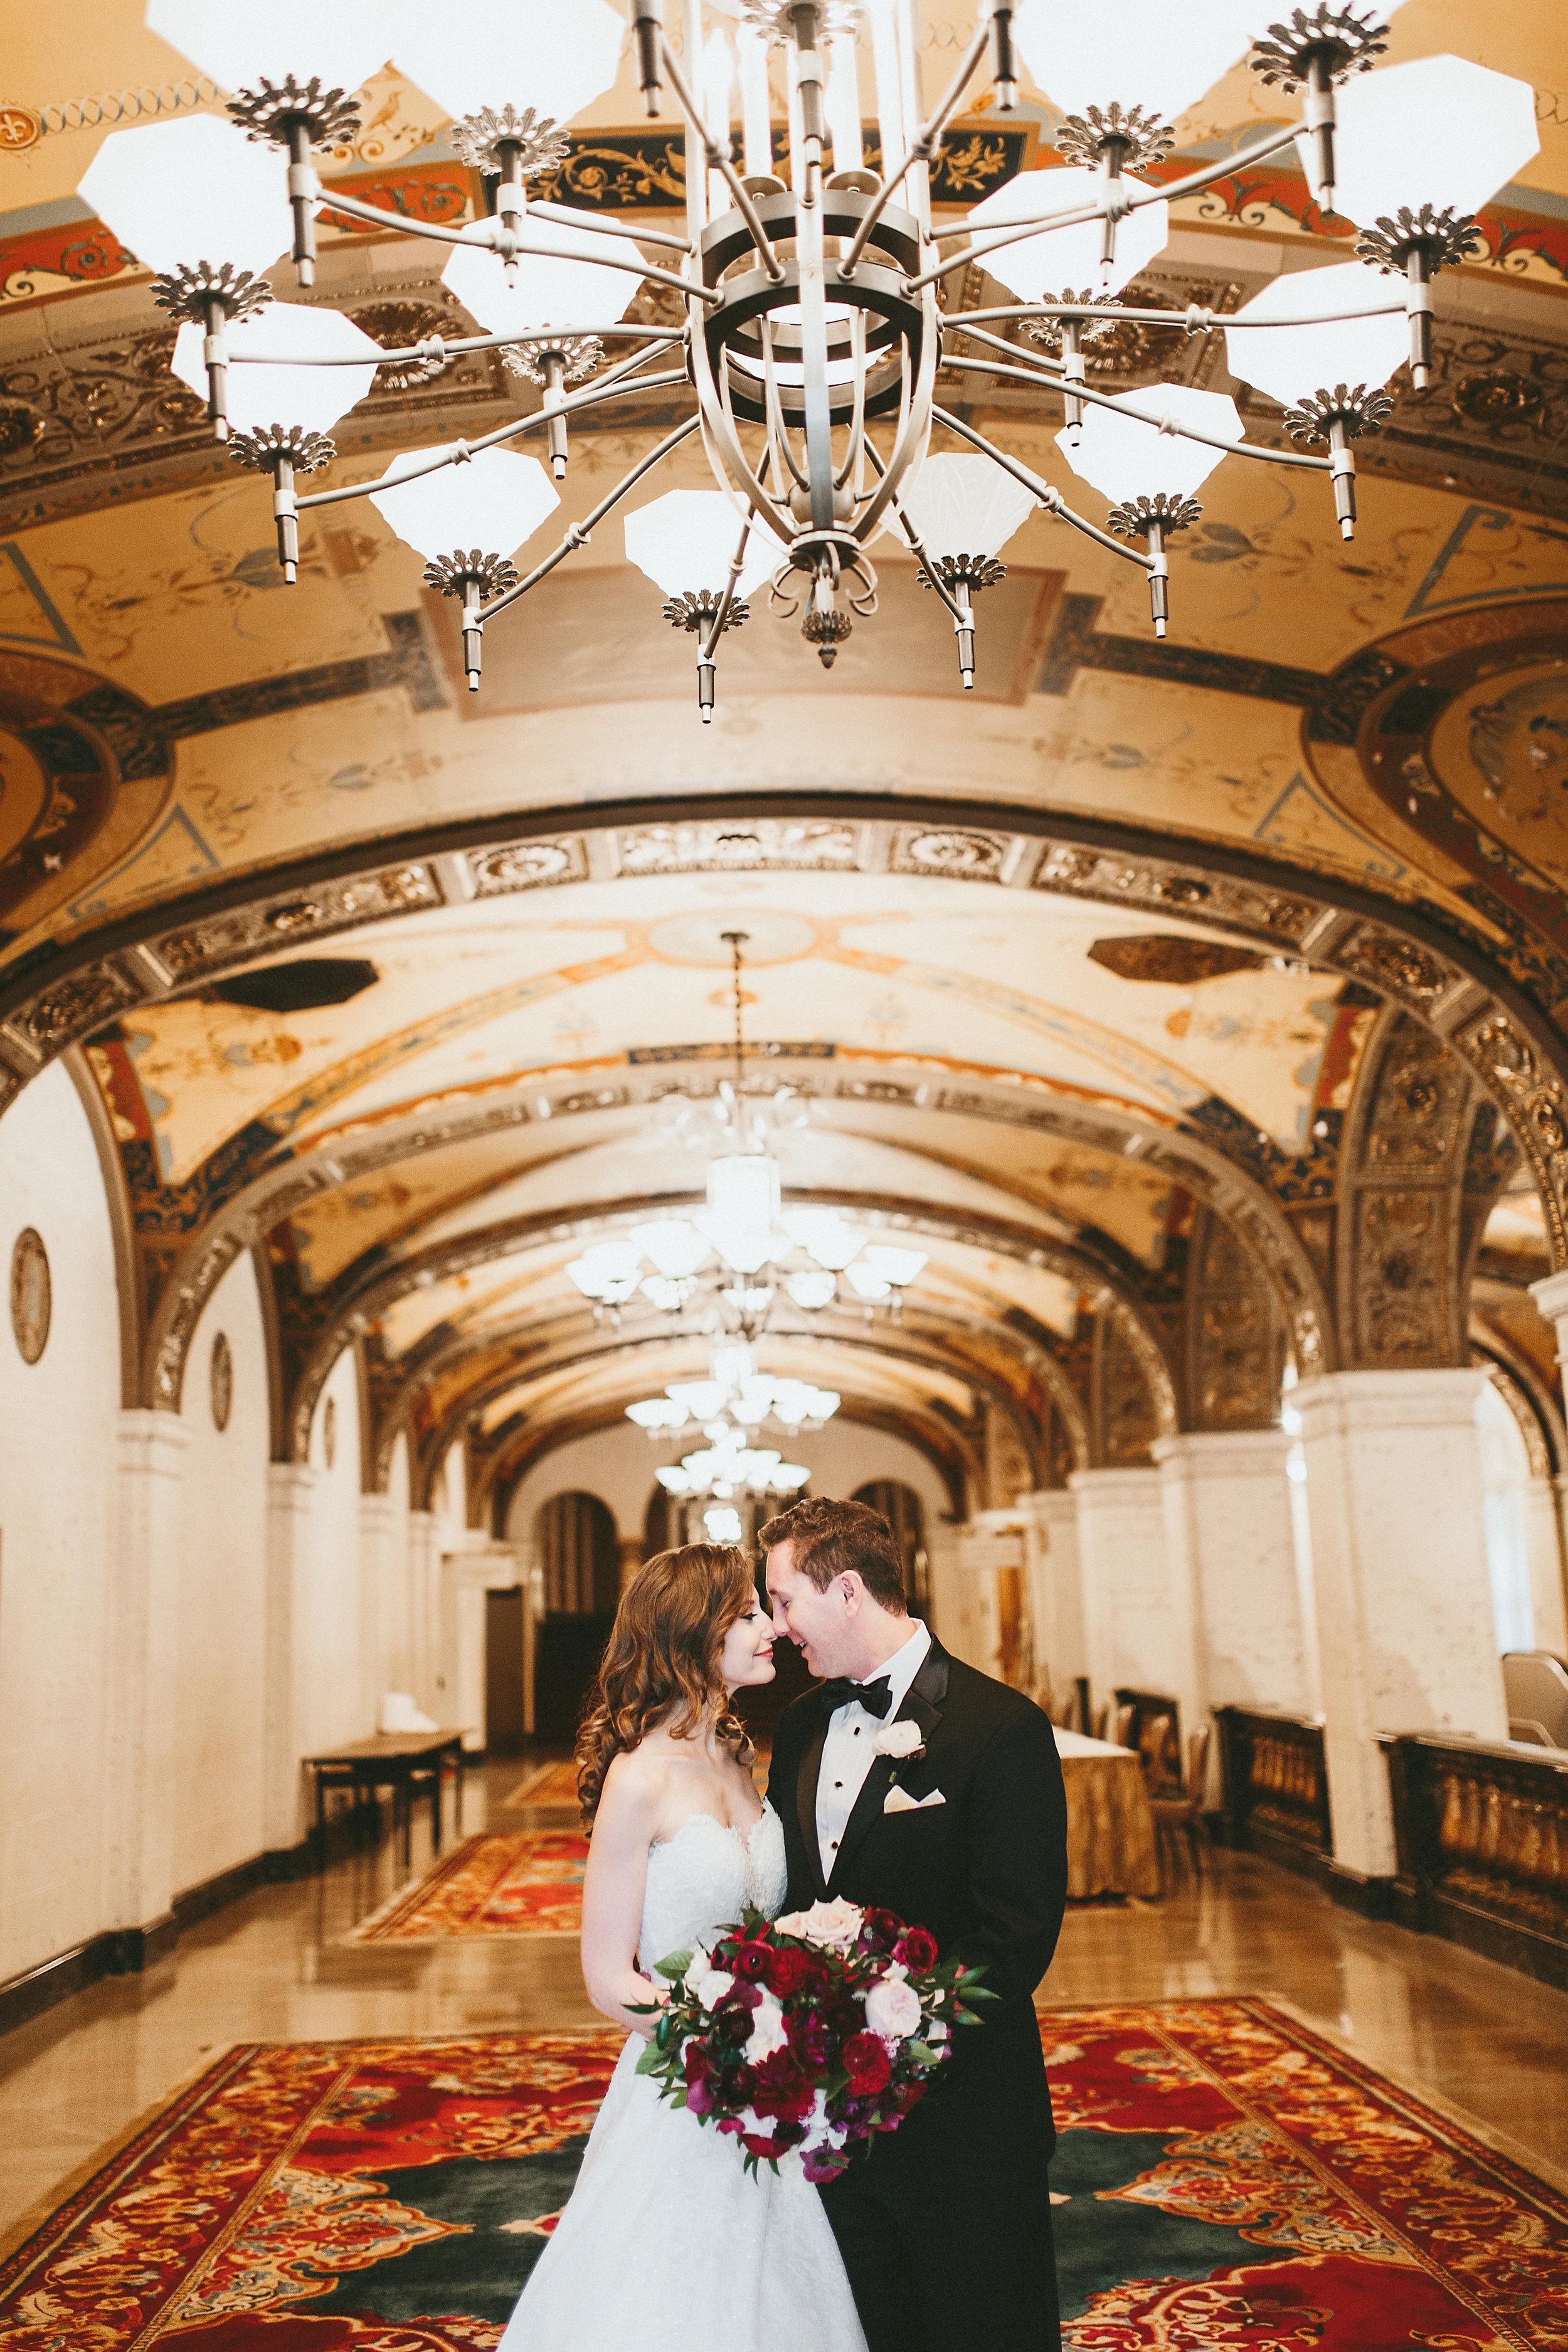 rachel_john_wedding_241.jpg